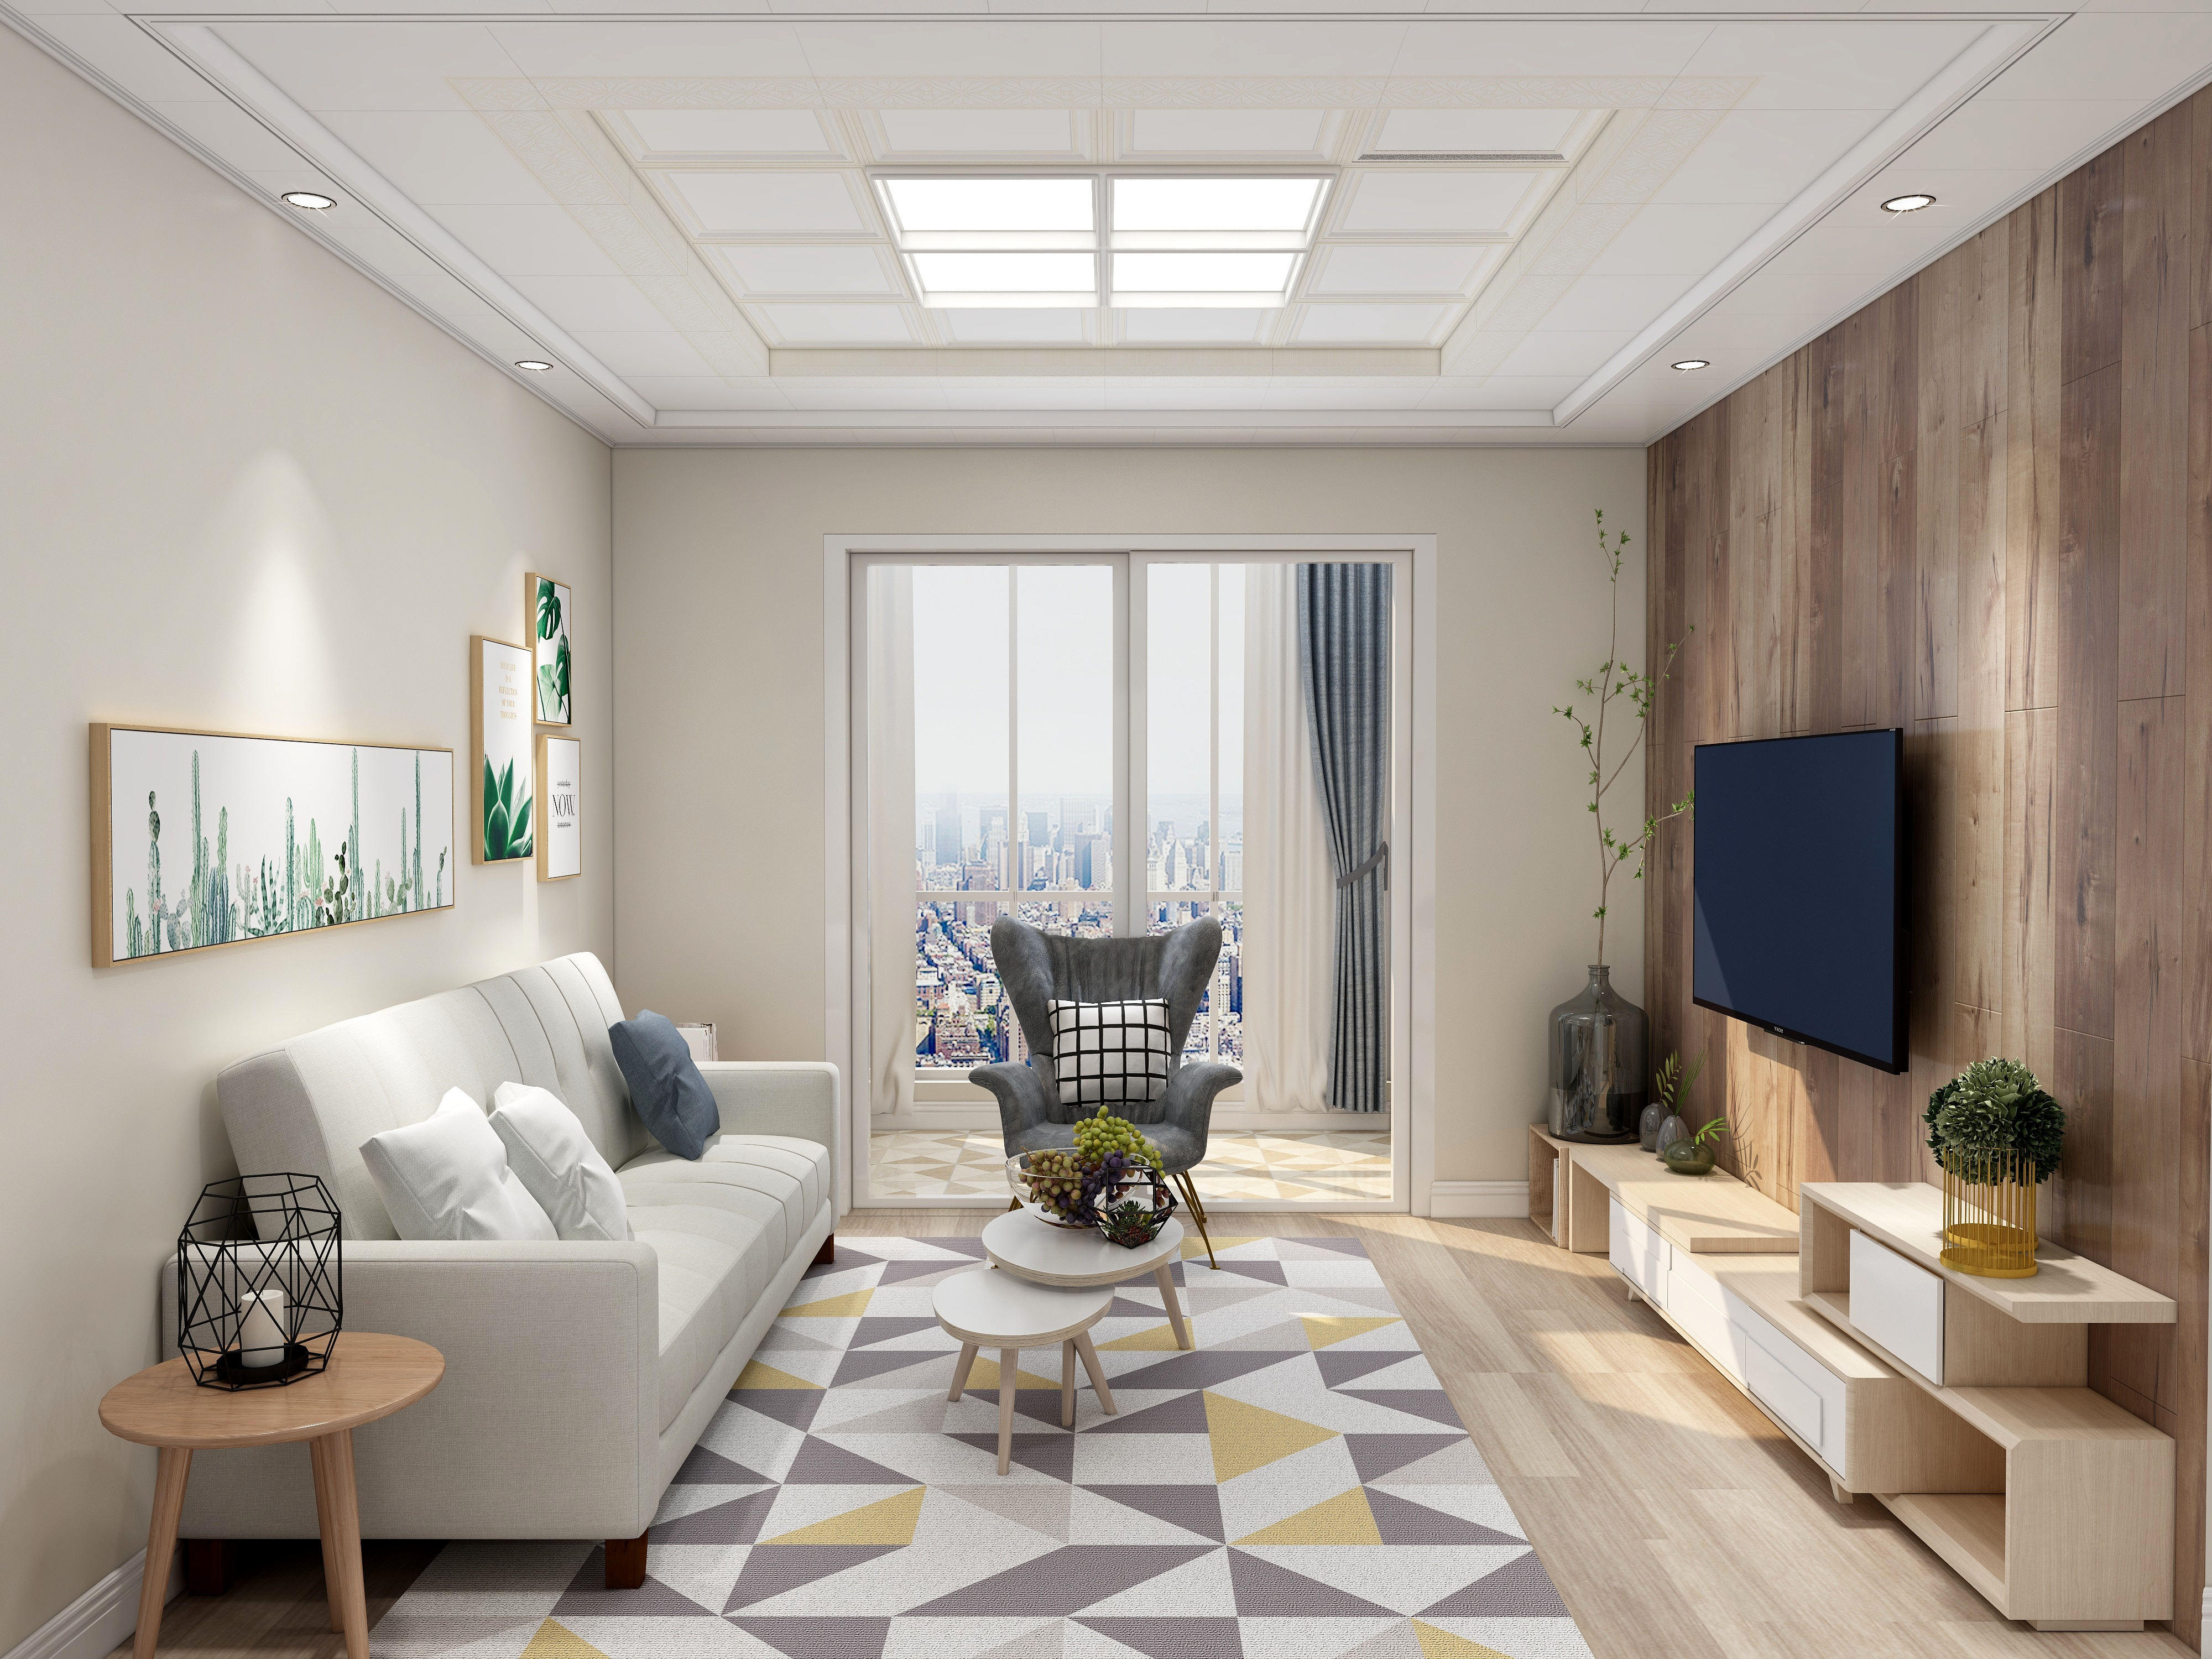 北欧风格-(客厅卧室)